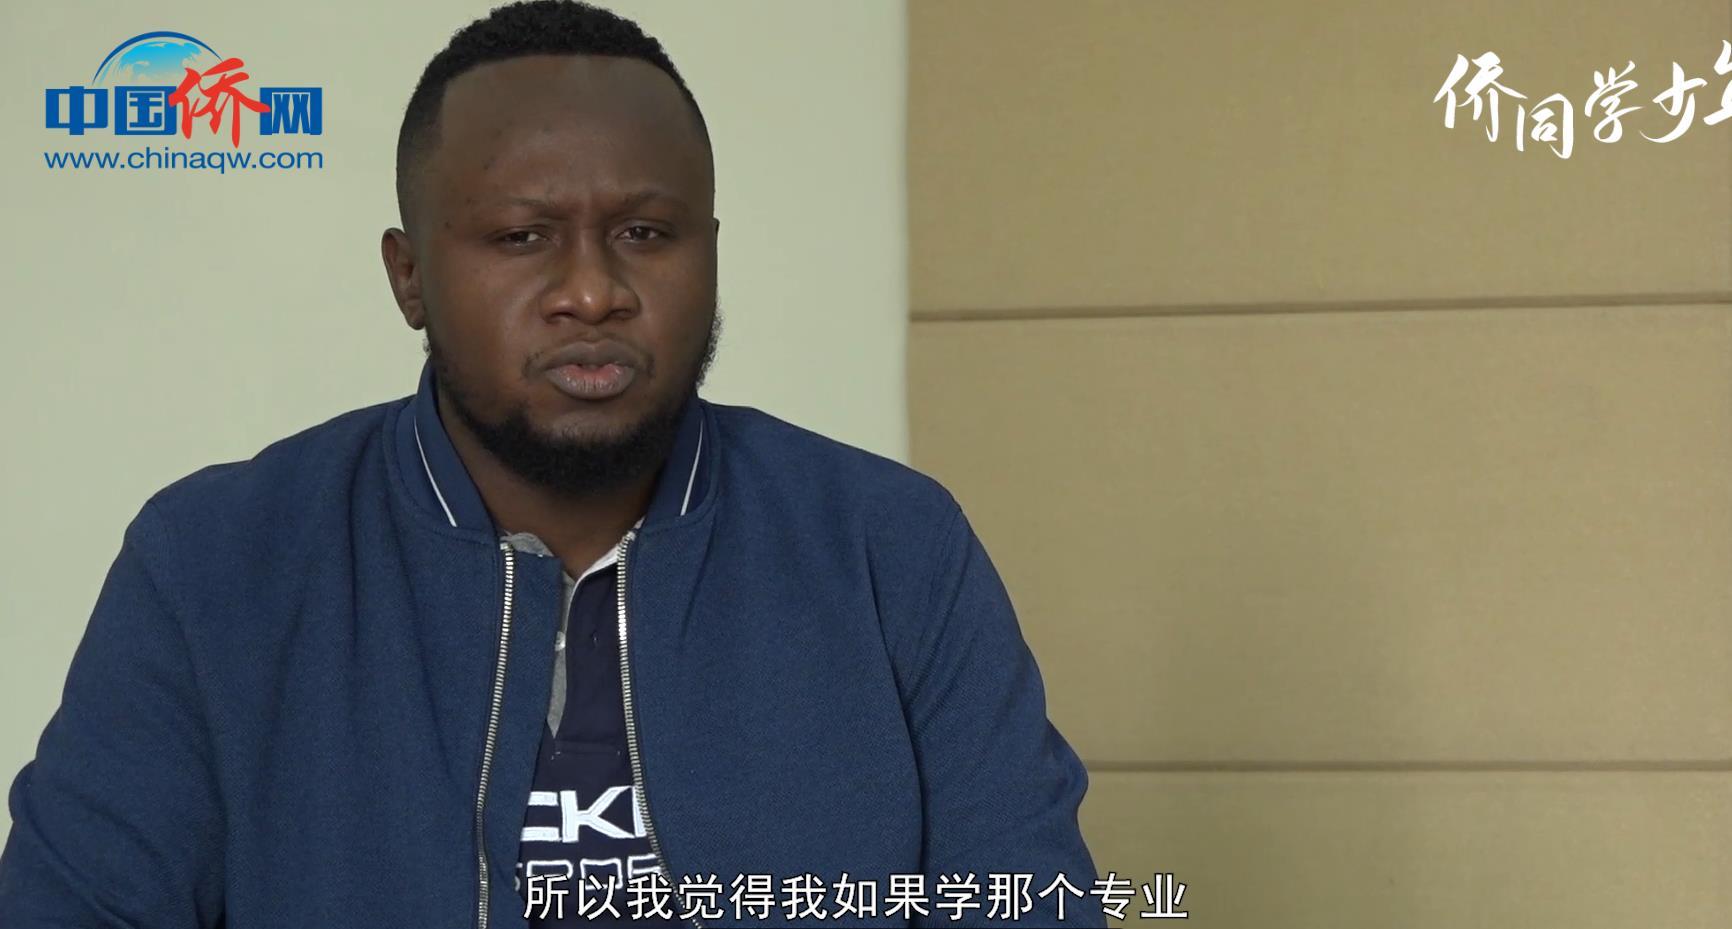 刚果(布)留学生扎克在中国的一天的生活